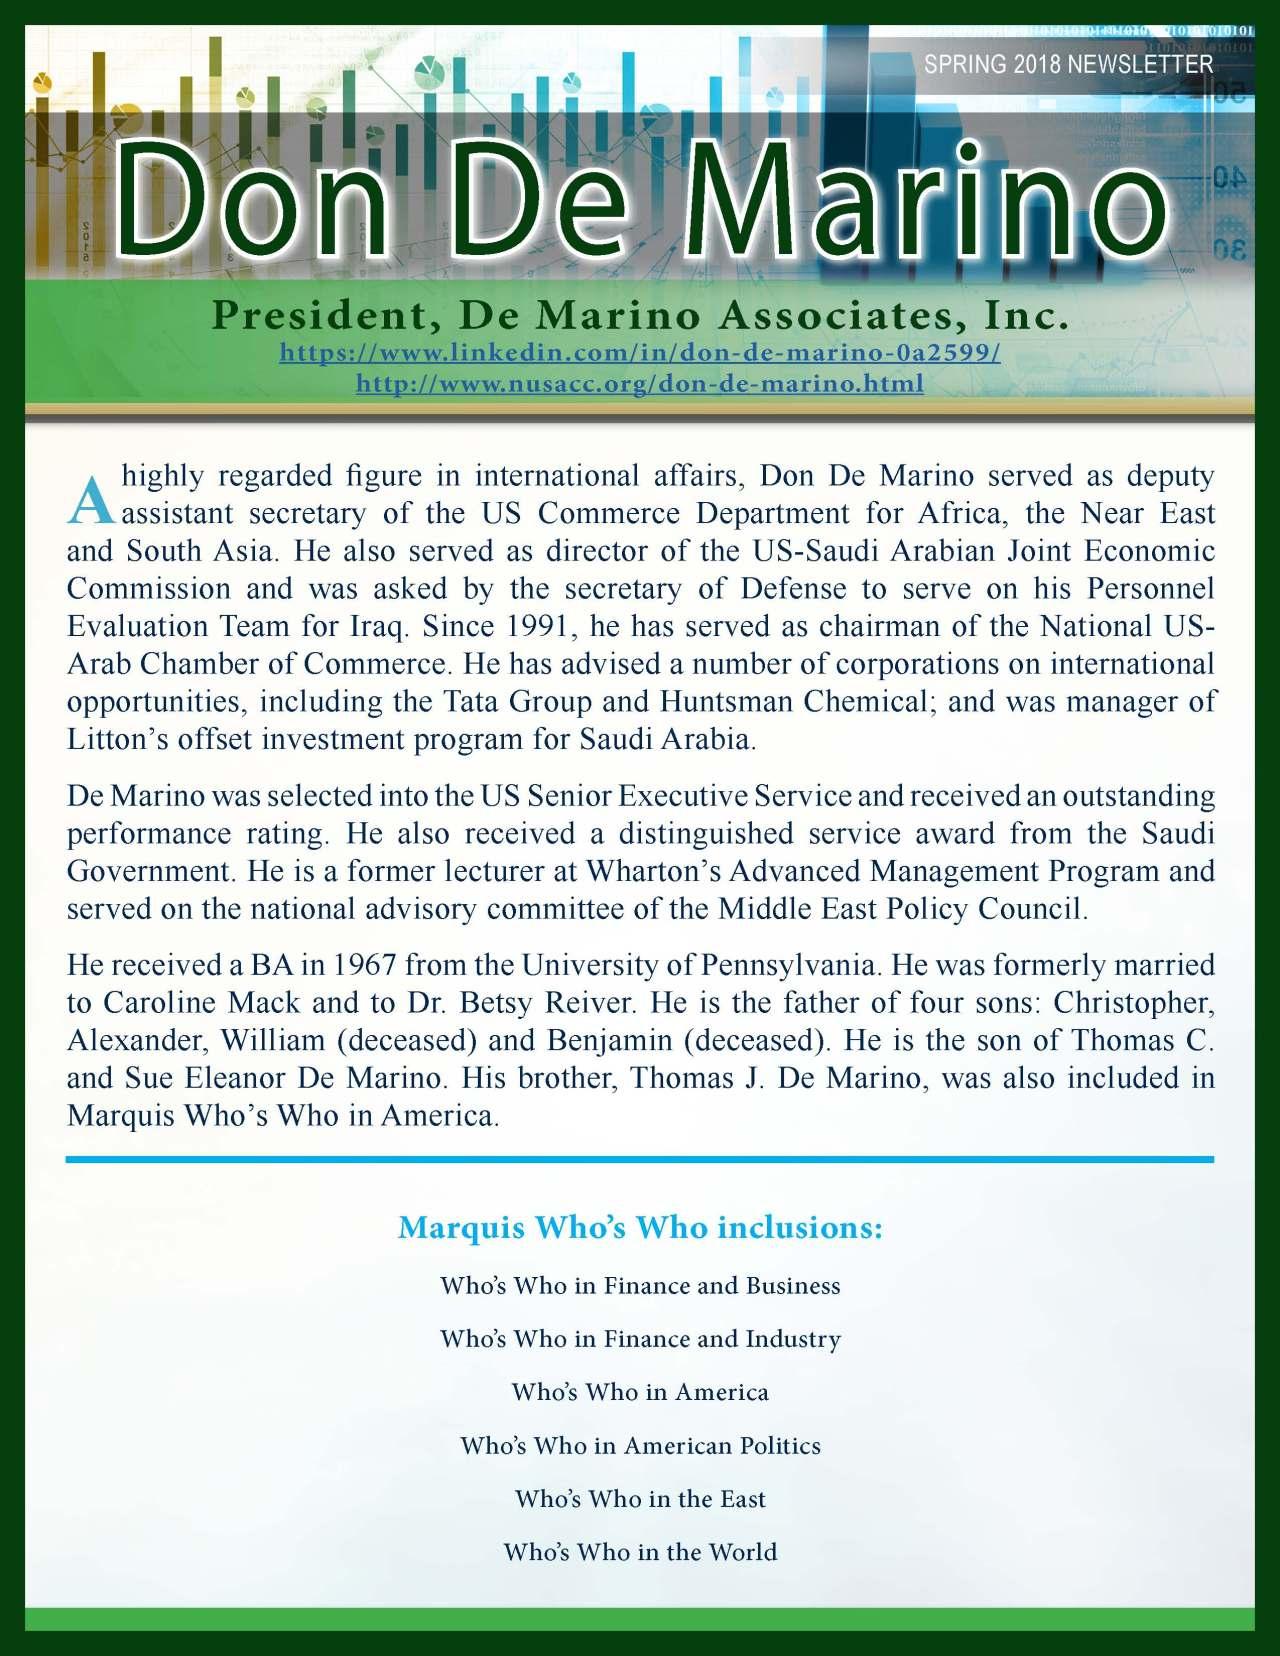 De Marino, Don 3711041_17921966 Newsletter REVISED